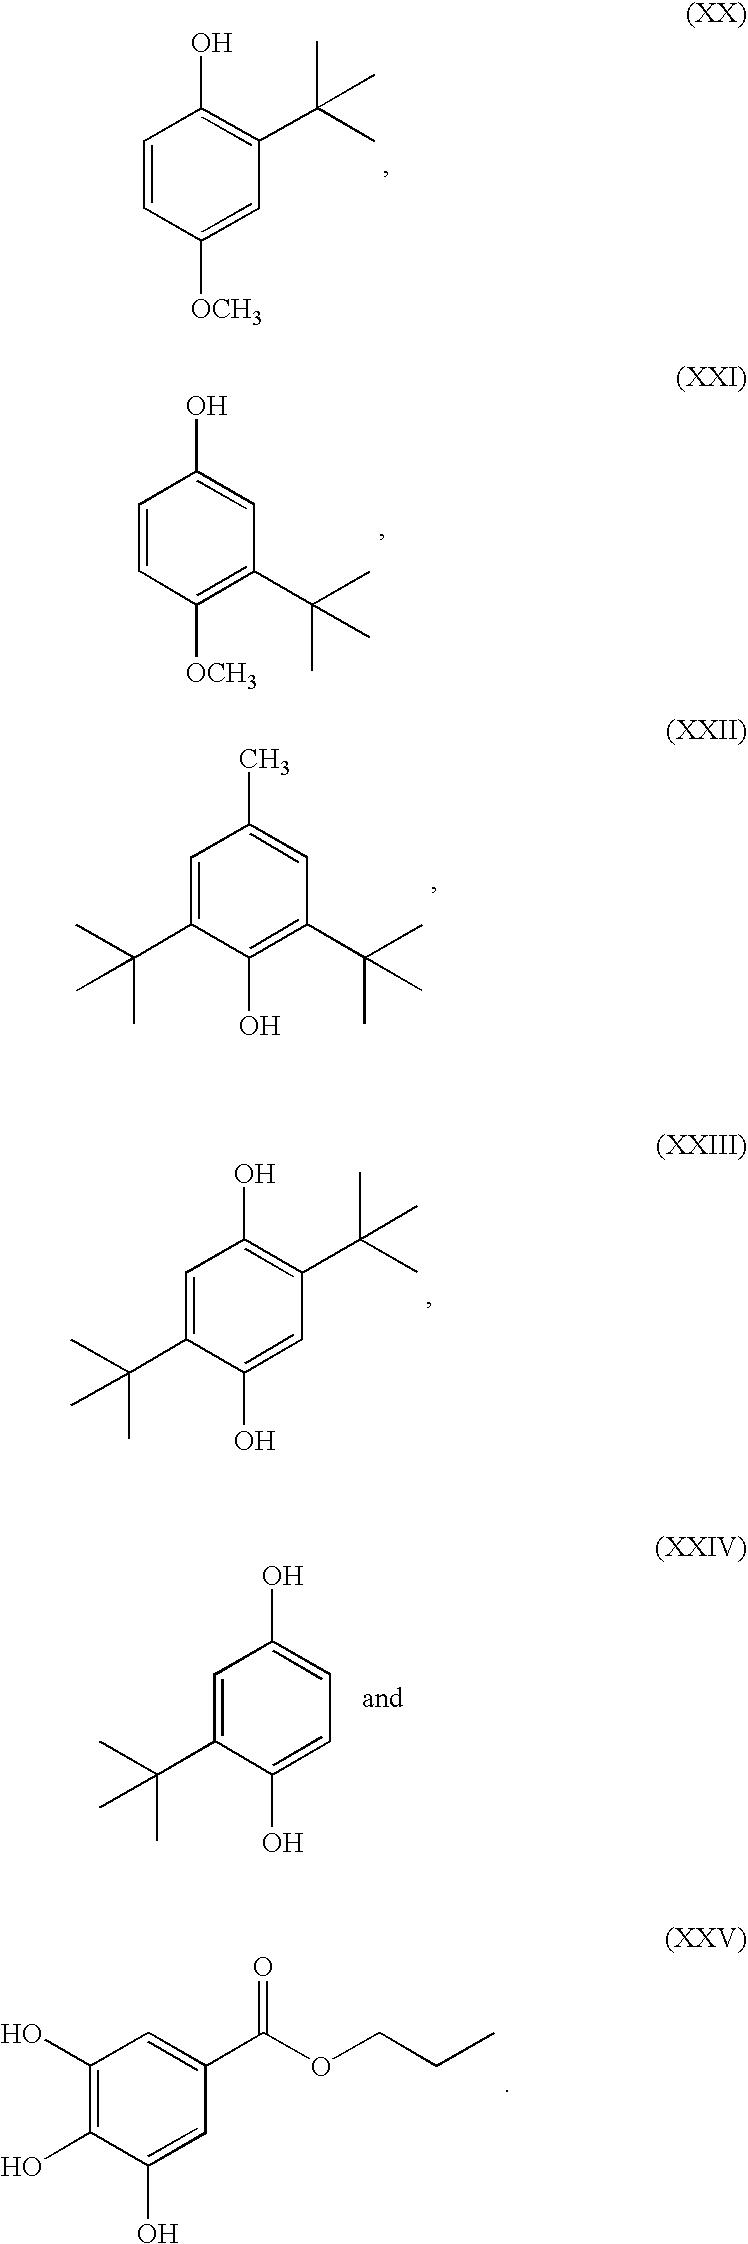 Figure US20030230743A1-20031218-C00028